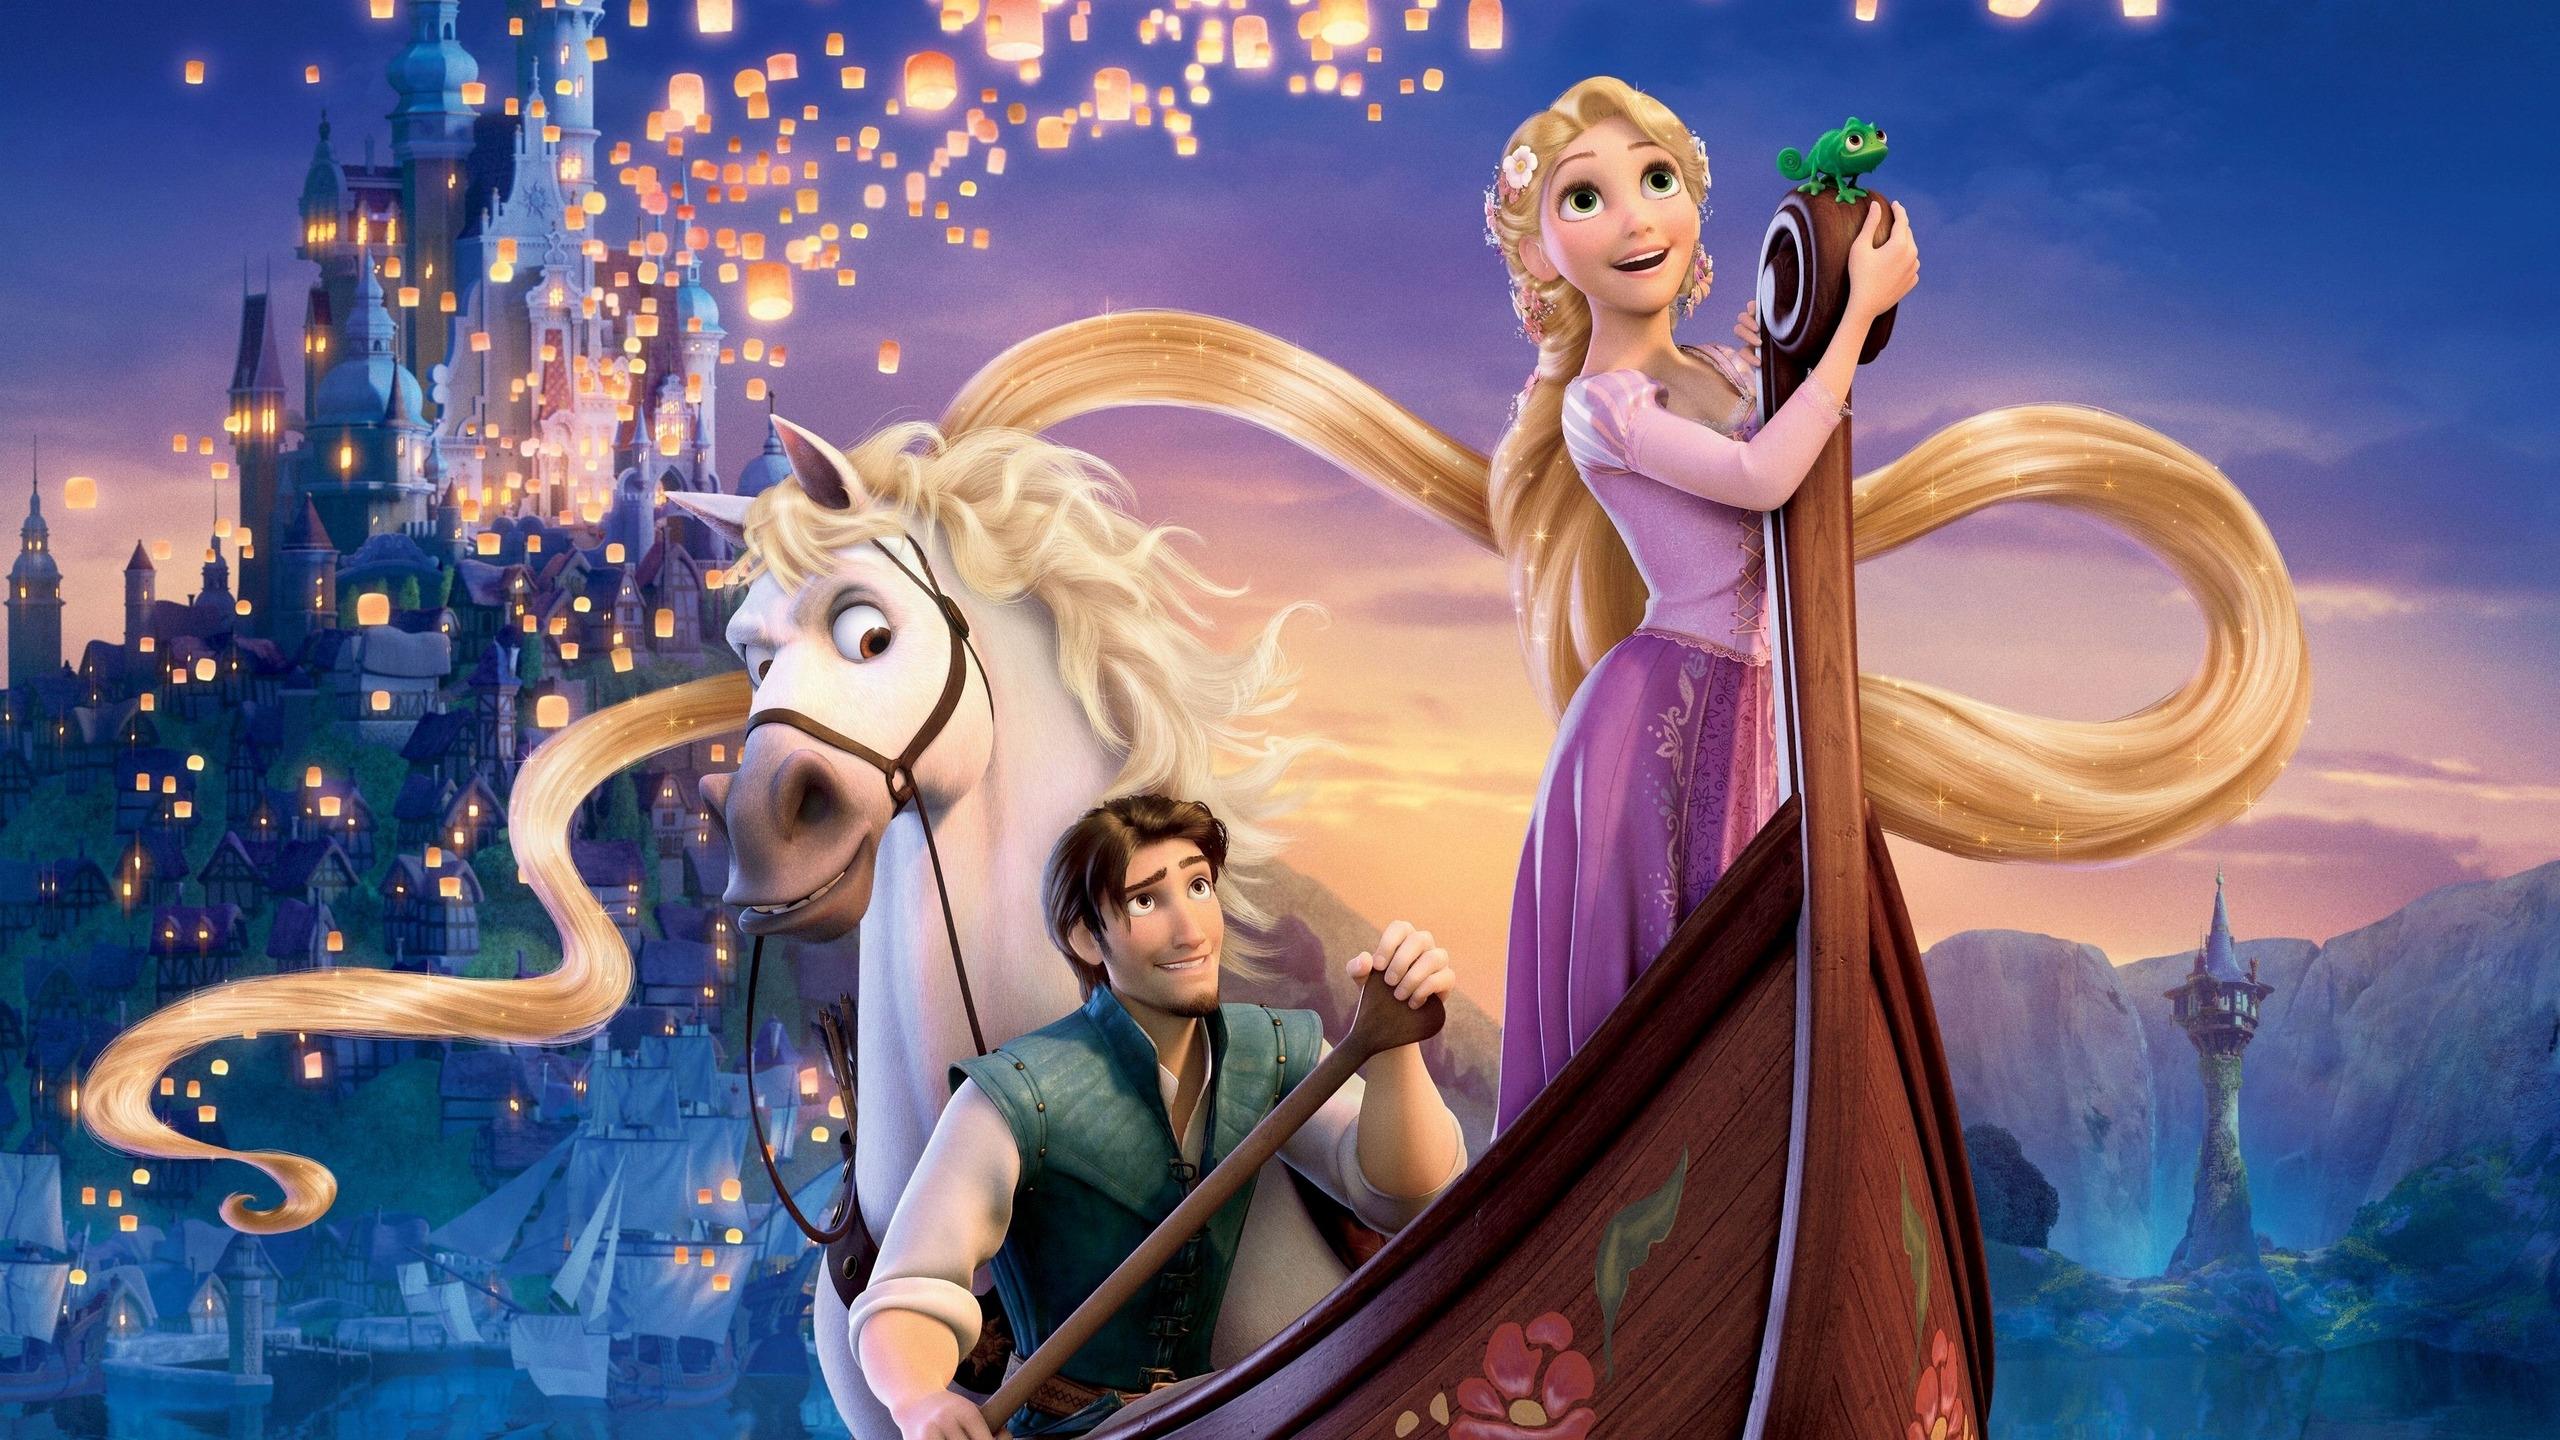 48 Disney Princess Wallpaper Hd On Wallpapersafari